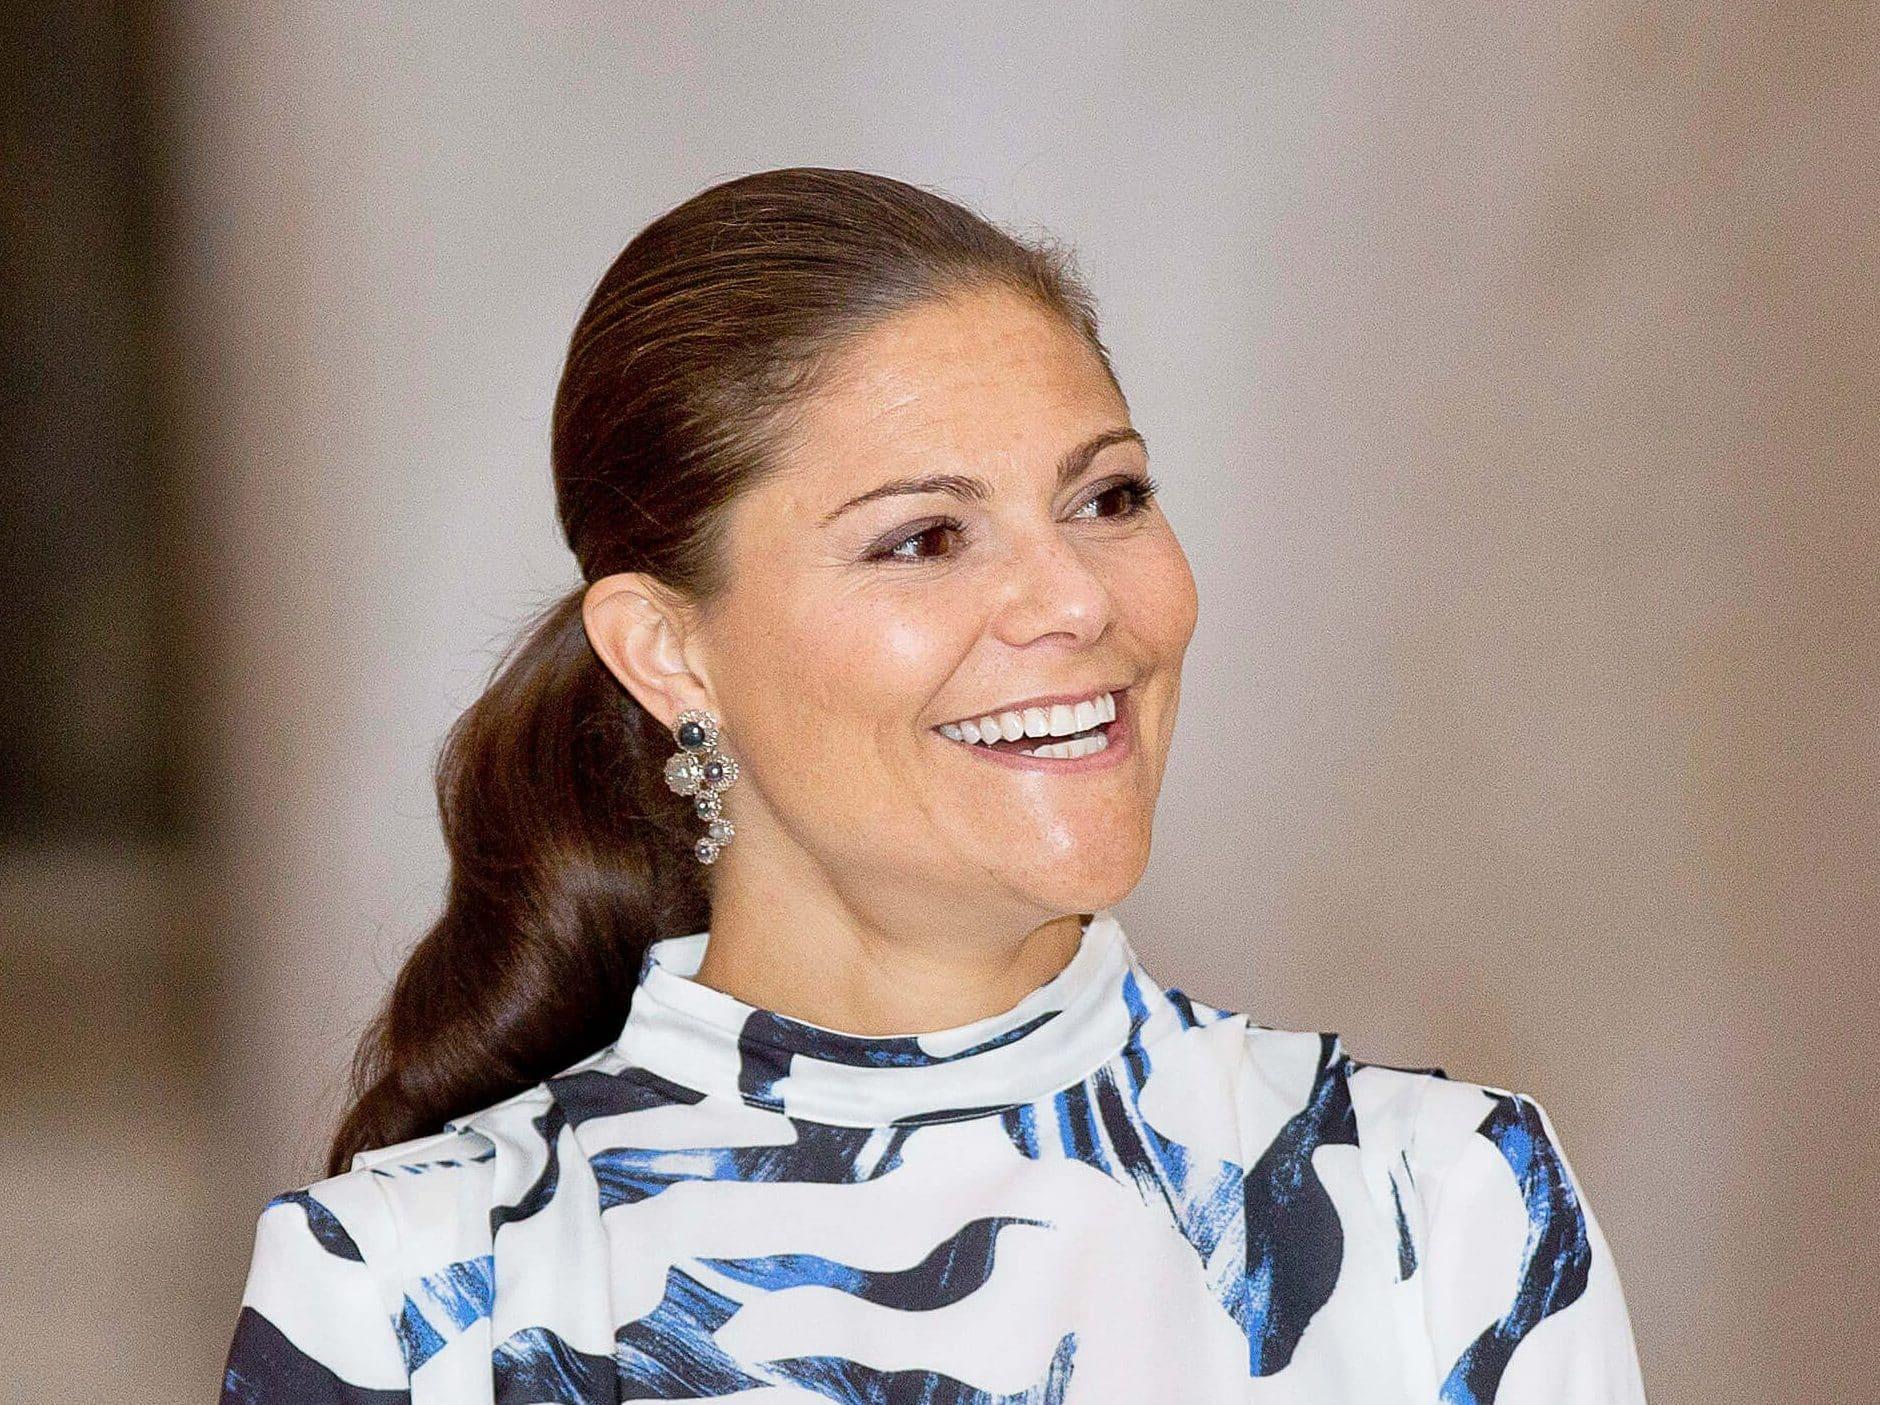 Kronprinzessin Victoria: So lustig tanzt sie hinter den Kulissen